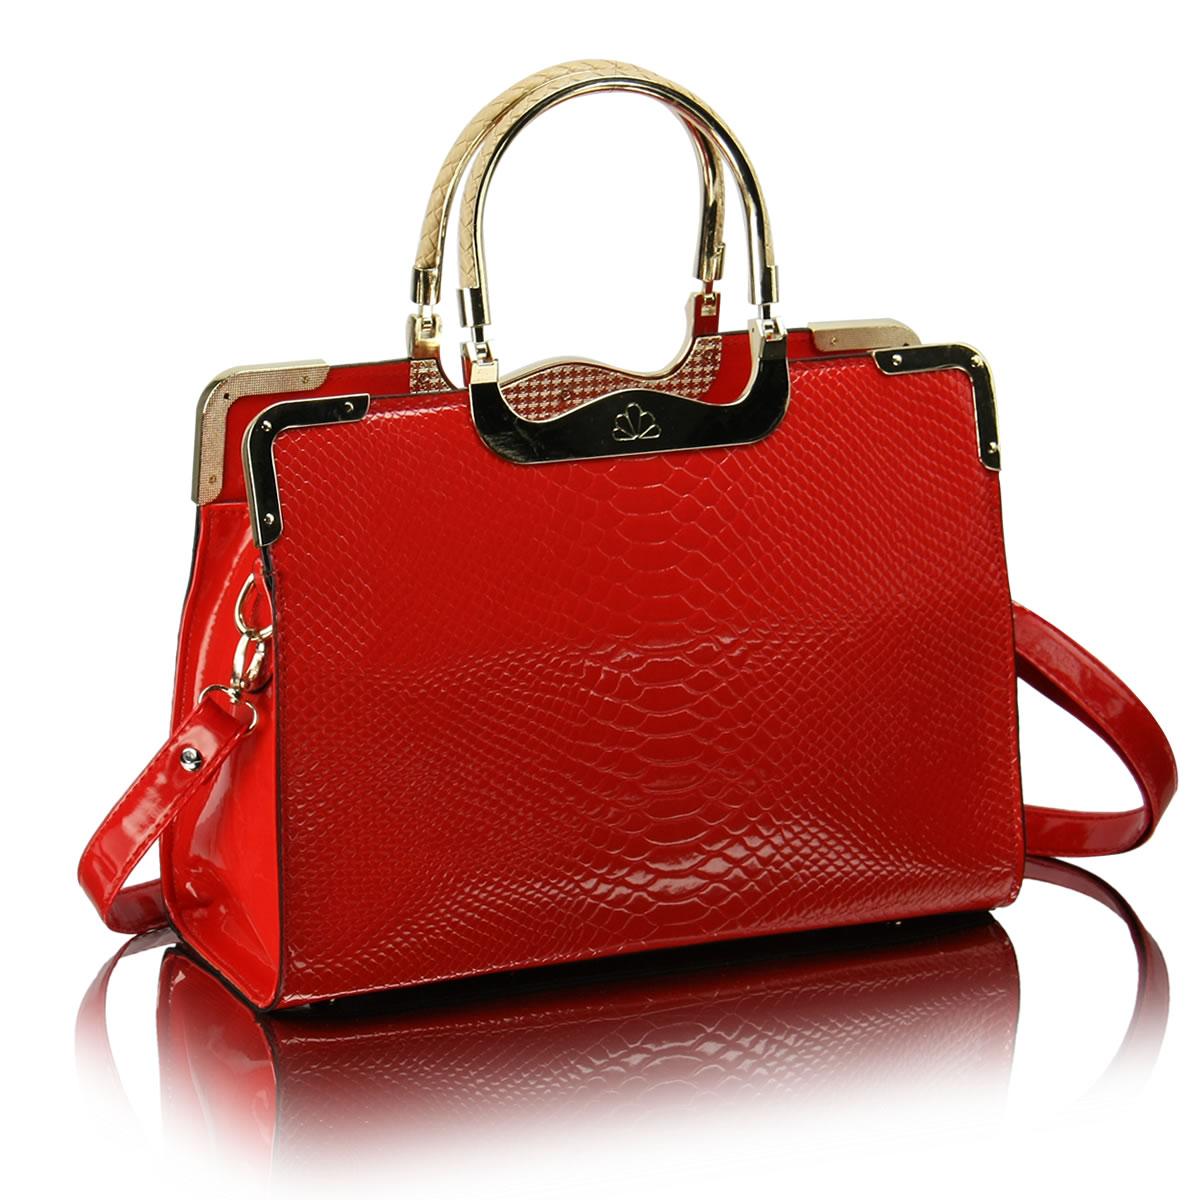 特价包包2013秋季新品潮女糖果时尚红色新娘包手提单肩斜挎女士包